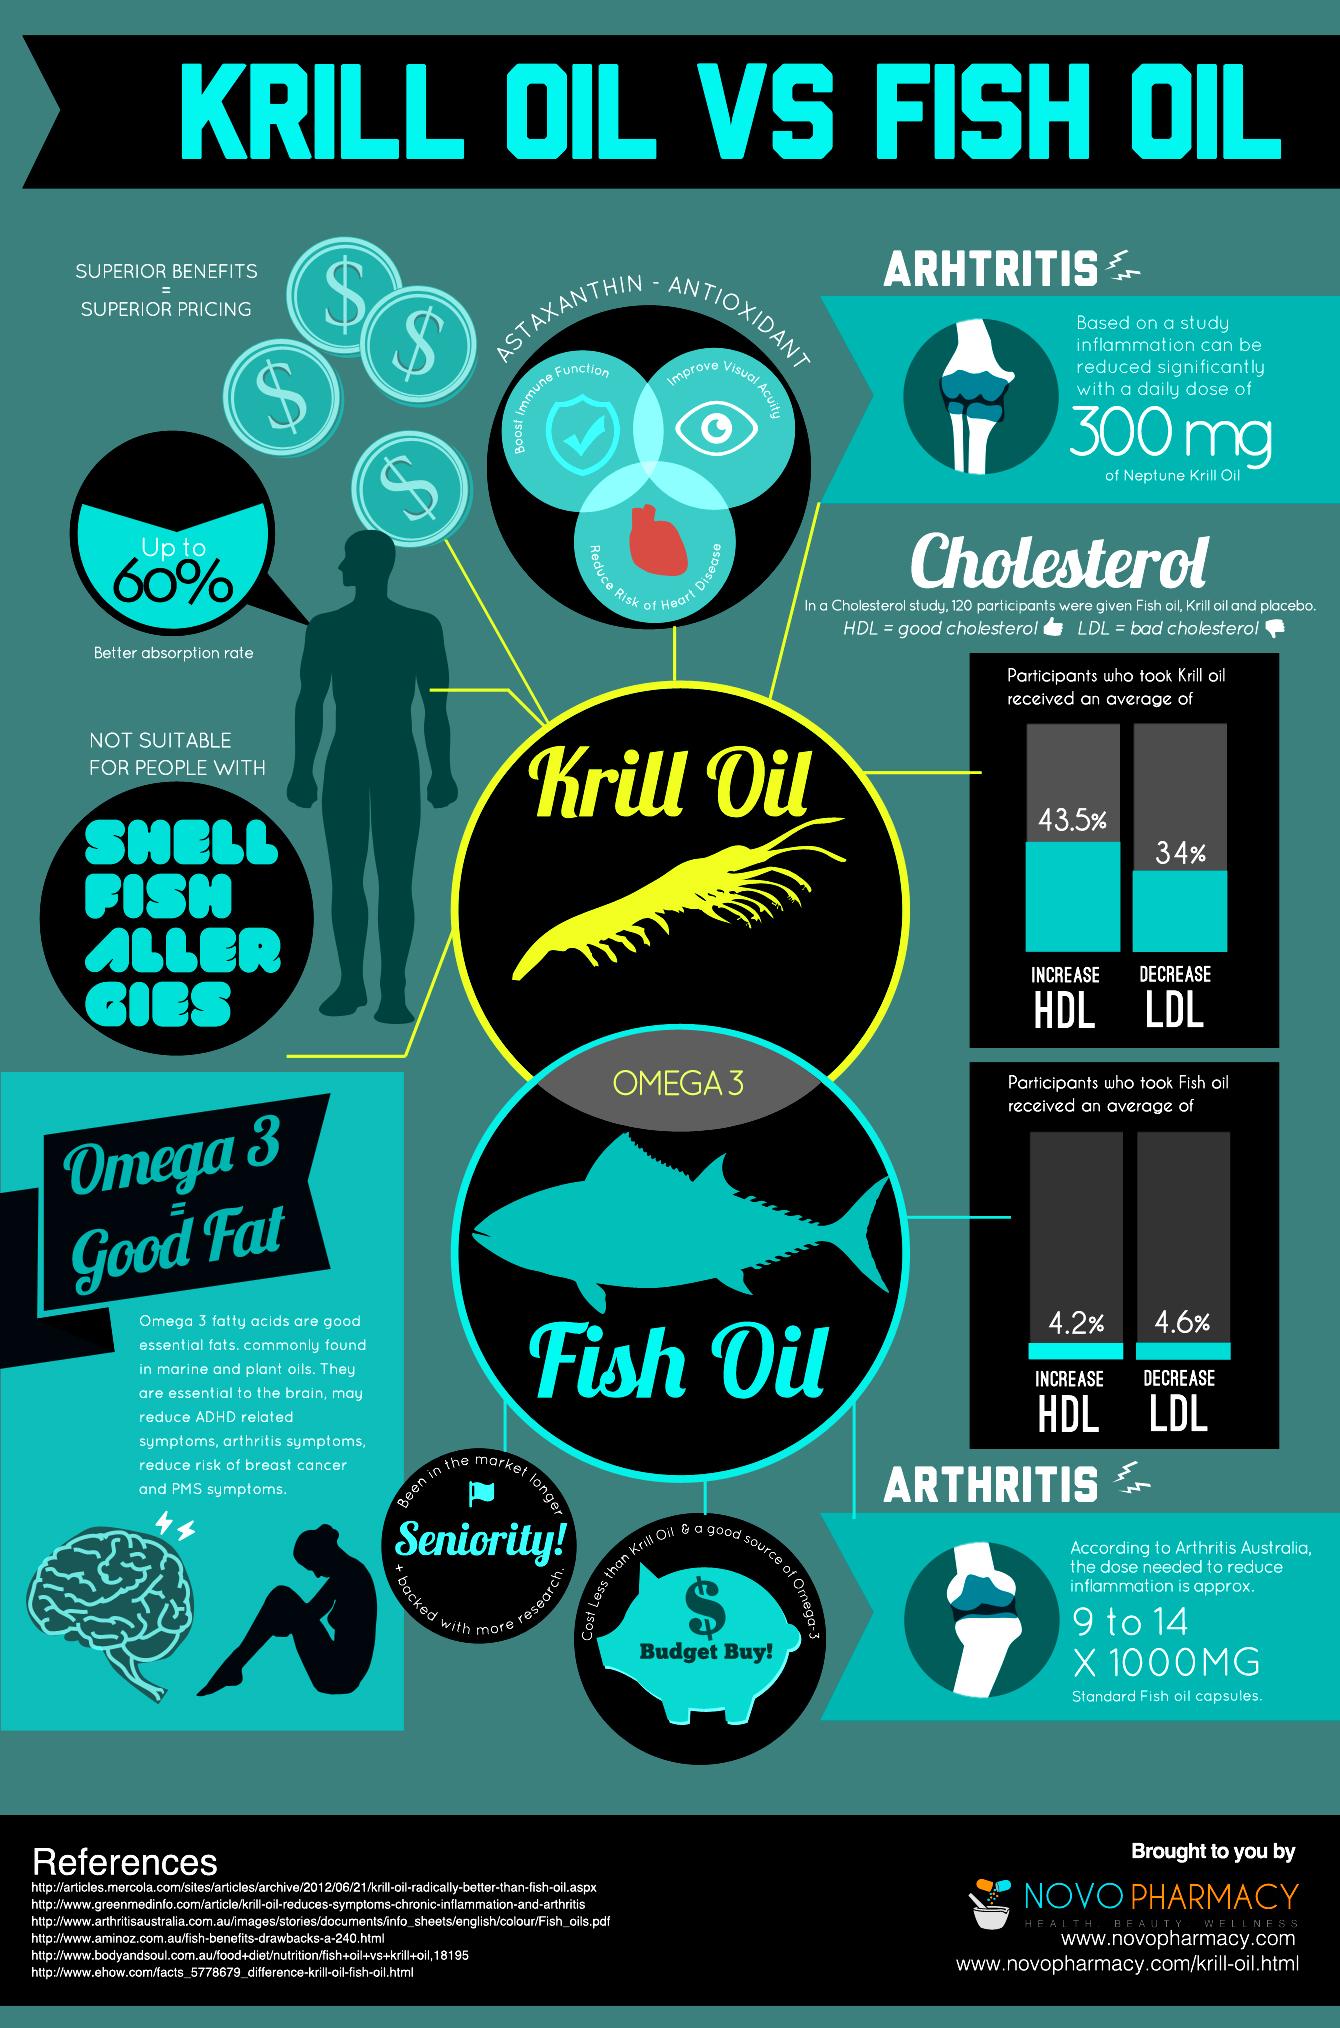 krill-oil-vs-fish-oil_50ed0066828a0